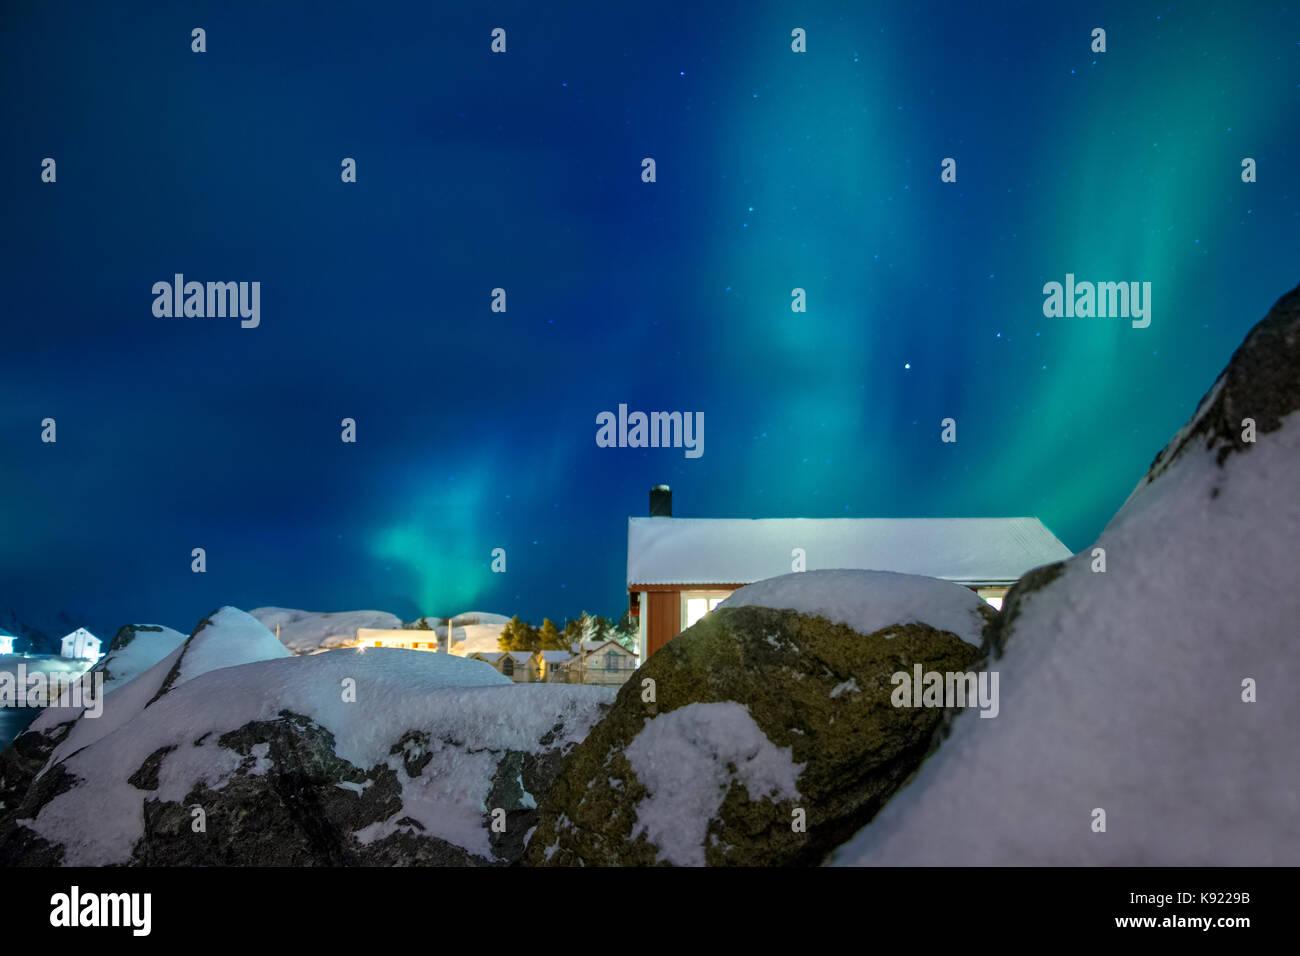 La Norvège. Les Lofoten. Hiver Hamnoy. Northern Lights au-dessus des toits de maisons Photo Stock